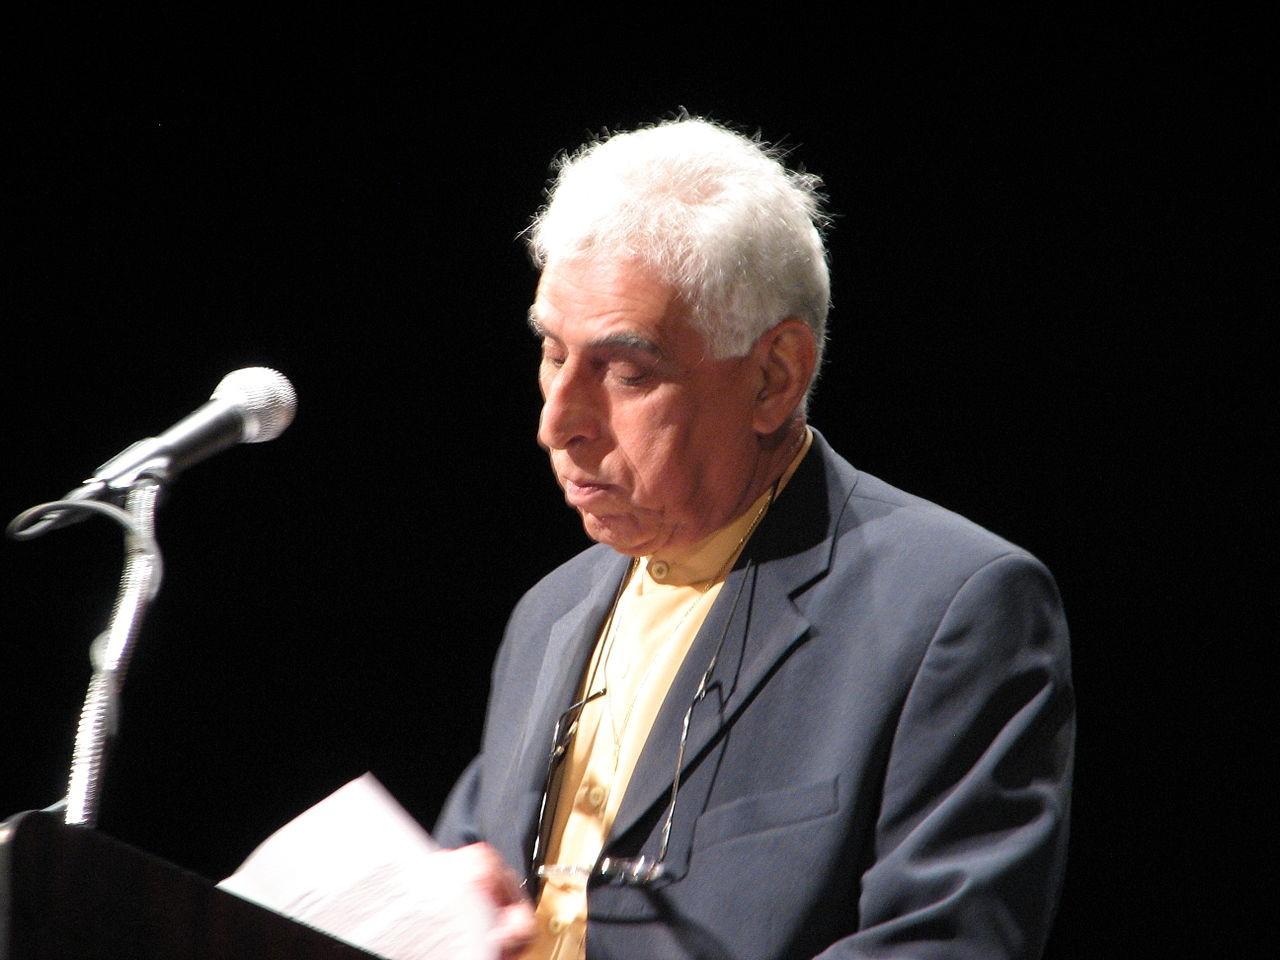 בערערה ייערך אירוע לציון 50 שנה להופעת כתב העת הספרותי 'אל-אצלאח'